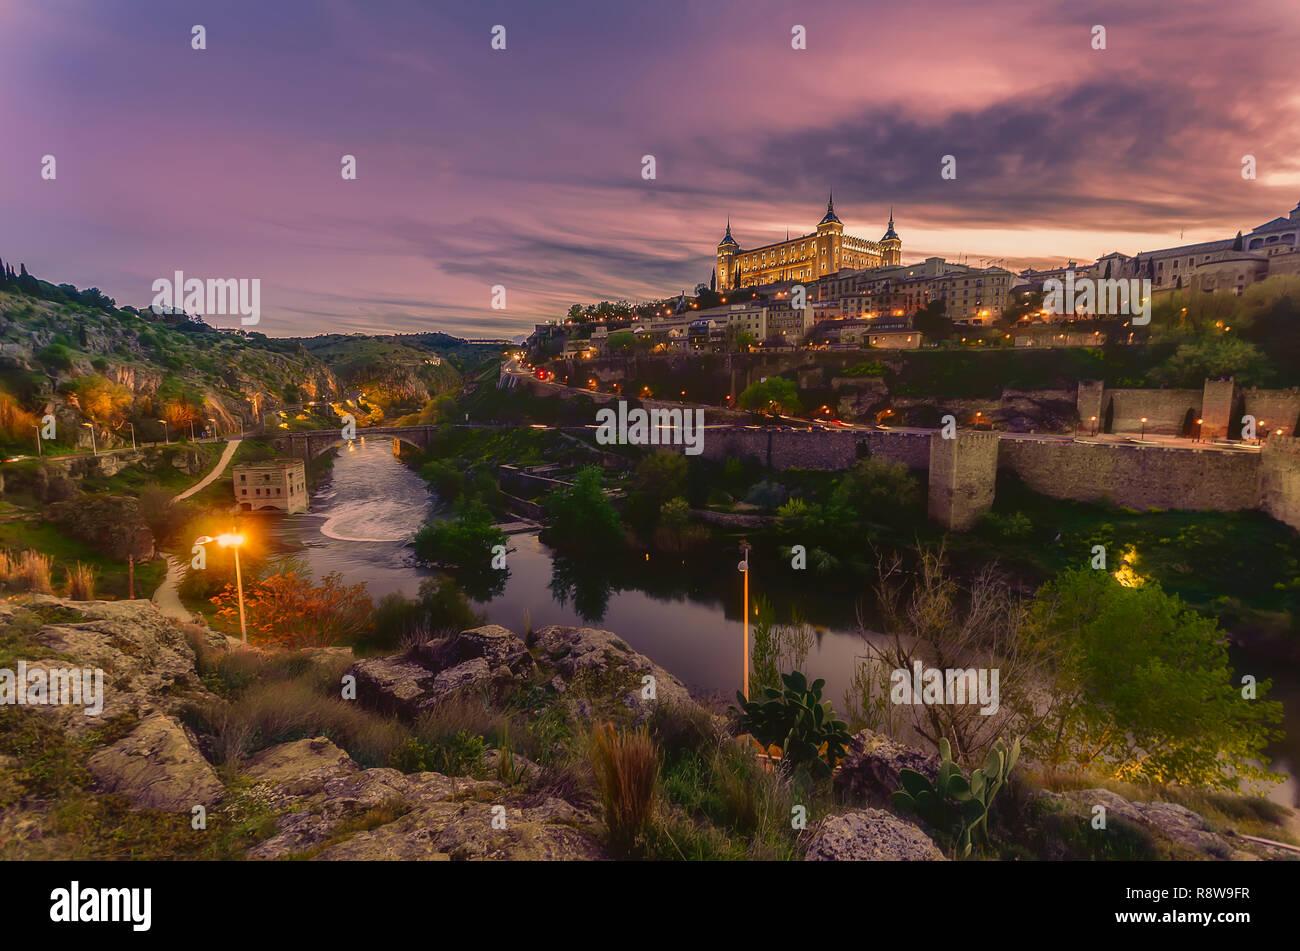 Toledo visto desde el otro lado del río Tajo al atardecer con el Alcázar de Toledo iluminada Foto de stock